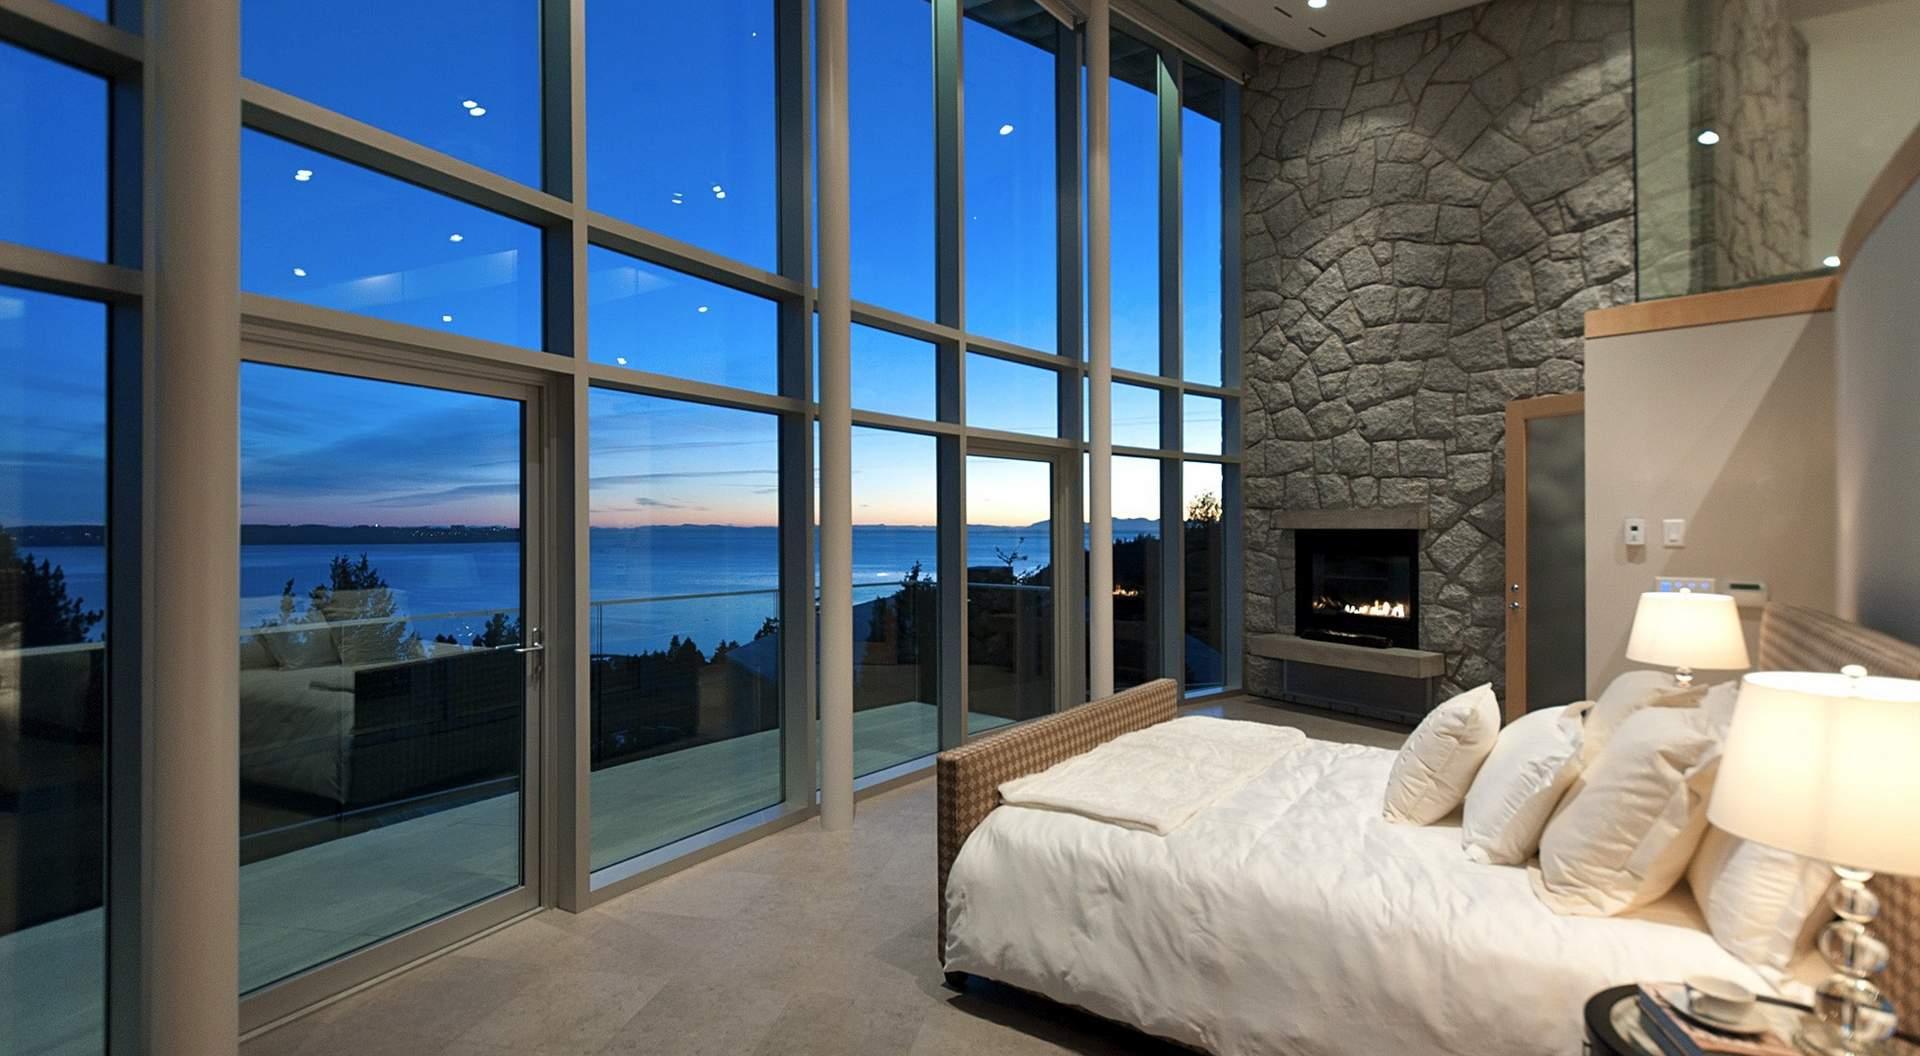 Дом с панорамными окнами фото интерьеров.